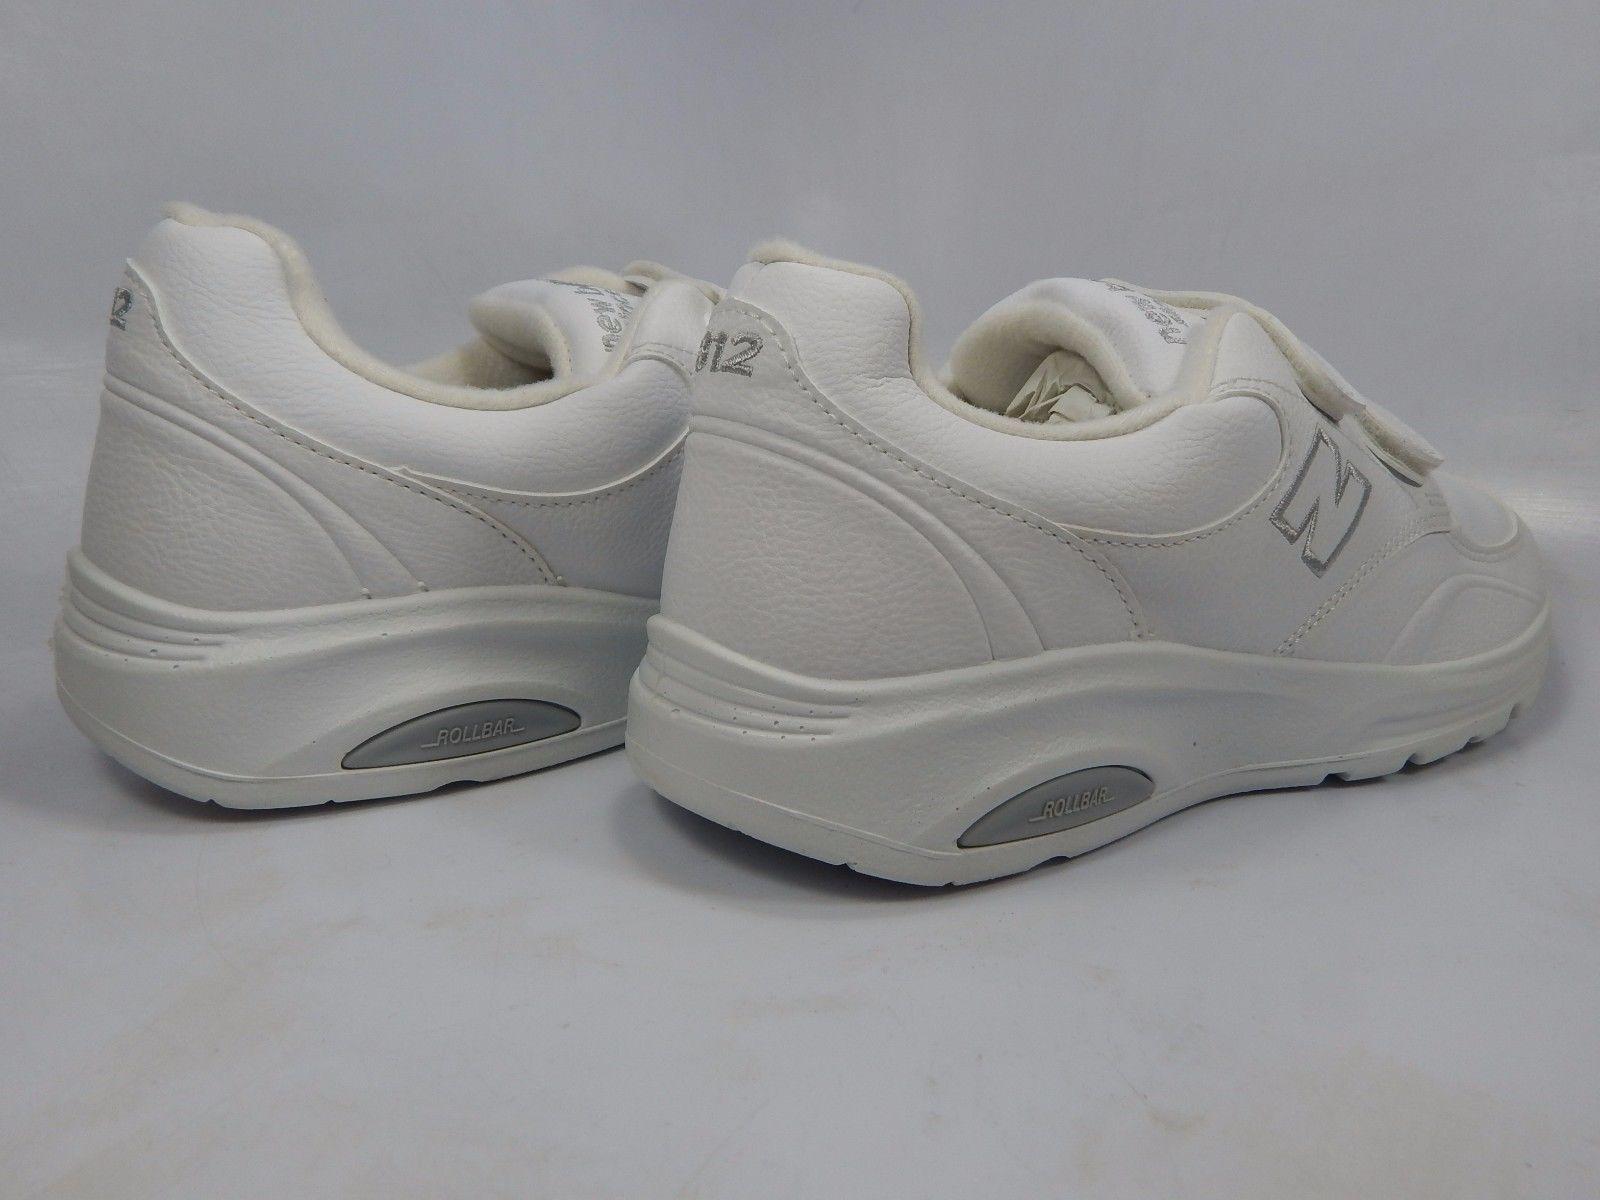 New Balance 812 Men's Walking Shoes Size US 8.5 M (D) EU 42 White MW812VW